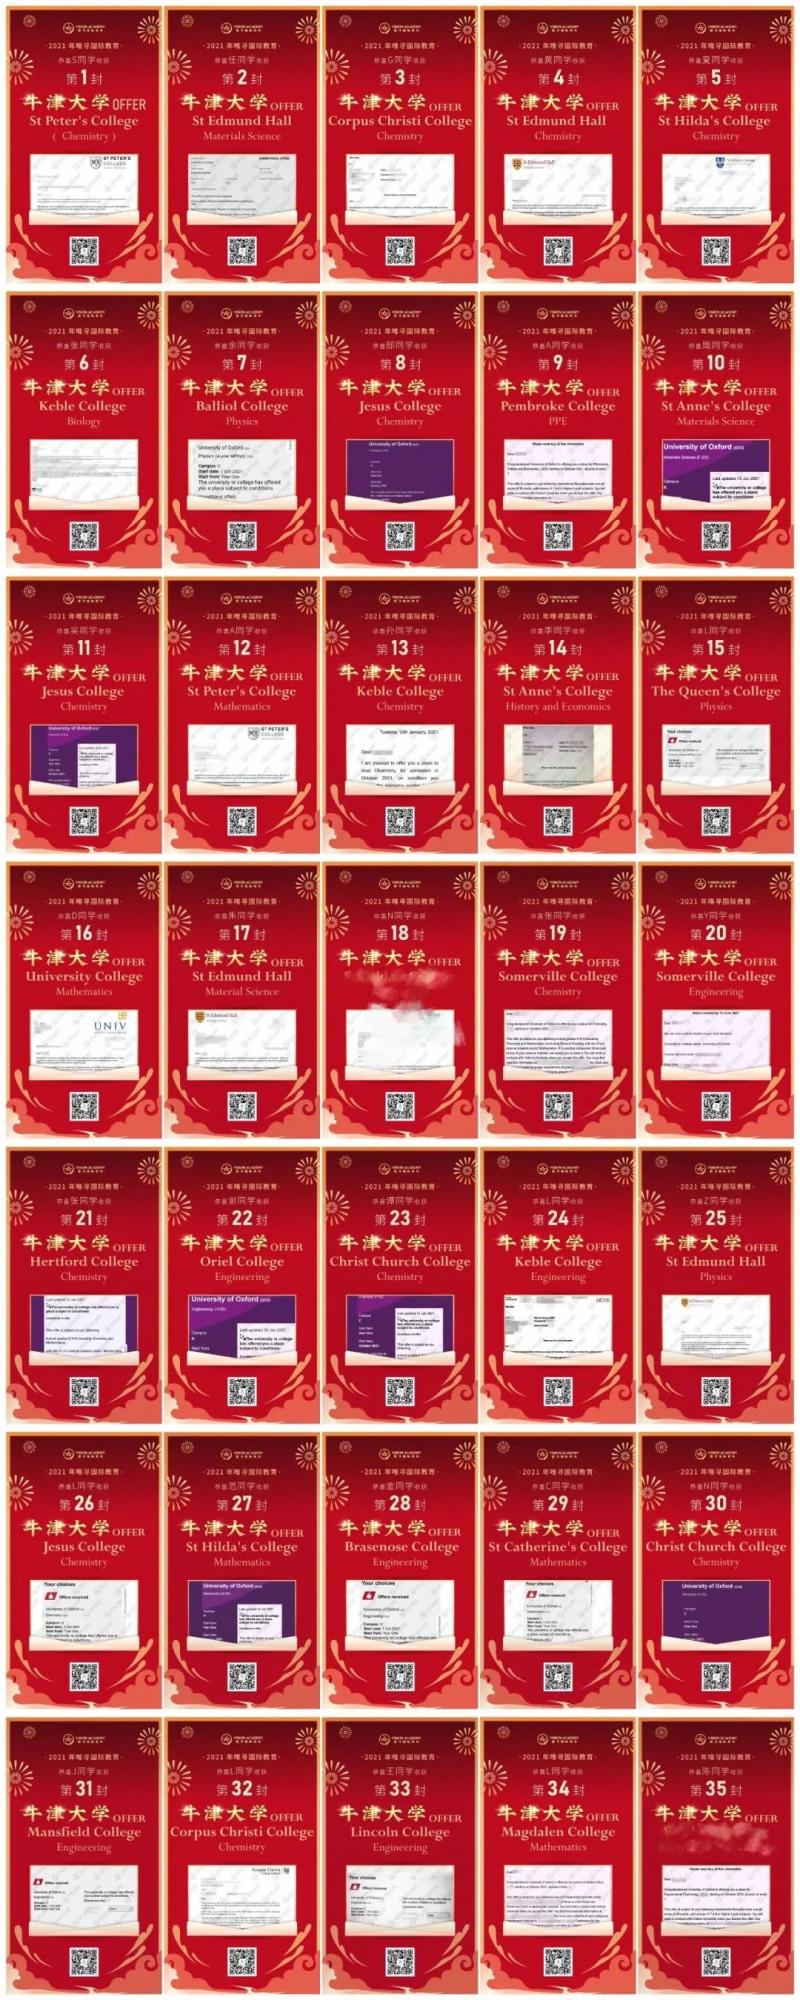 67封牛津大学offer到达,唯寻再创纪录,2021英国大学offer已超800封内容图片_4